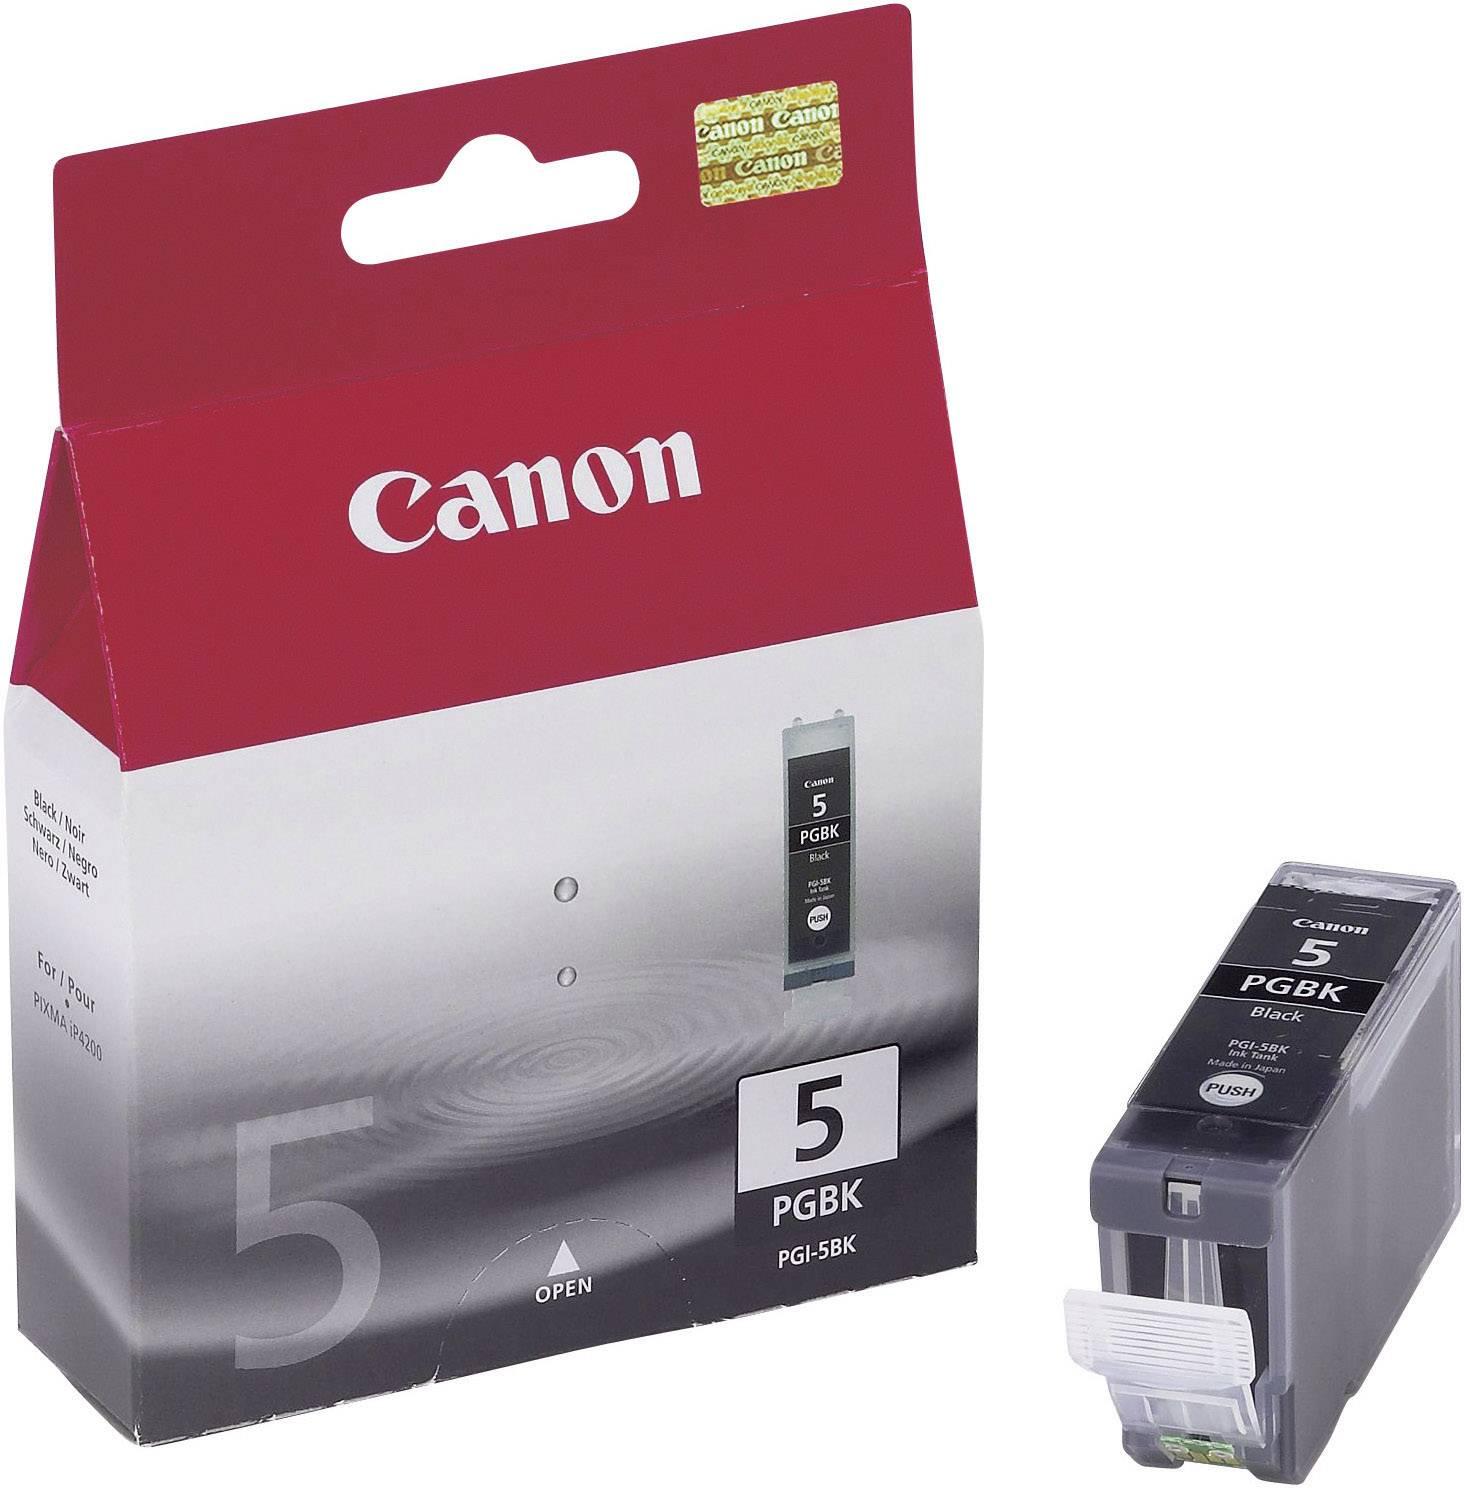 Náplň do tlačiarne Canon PGI-5BK 0628B001, čierna